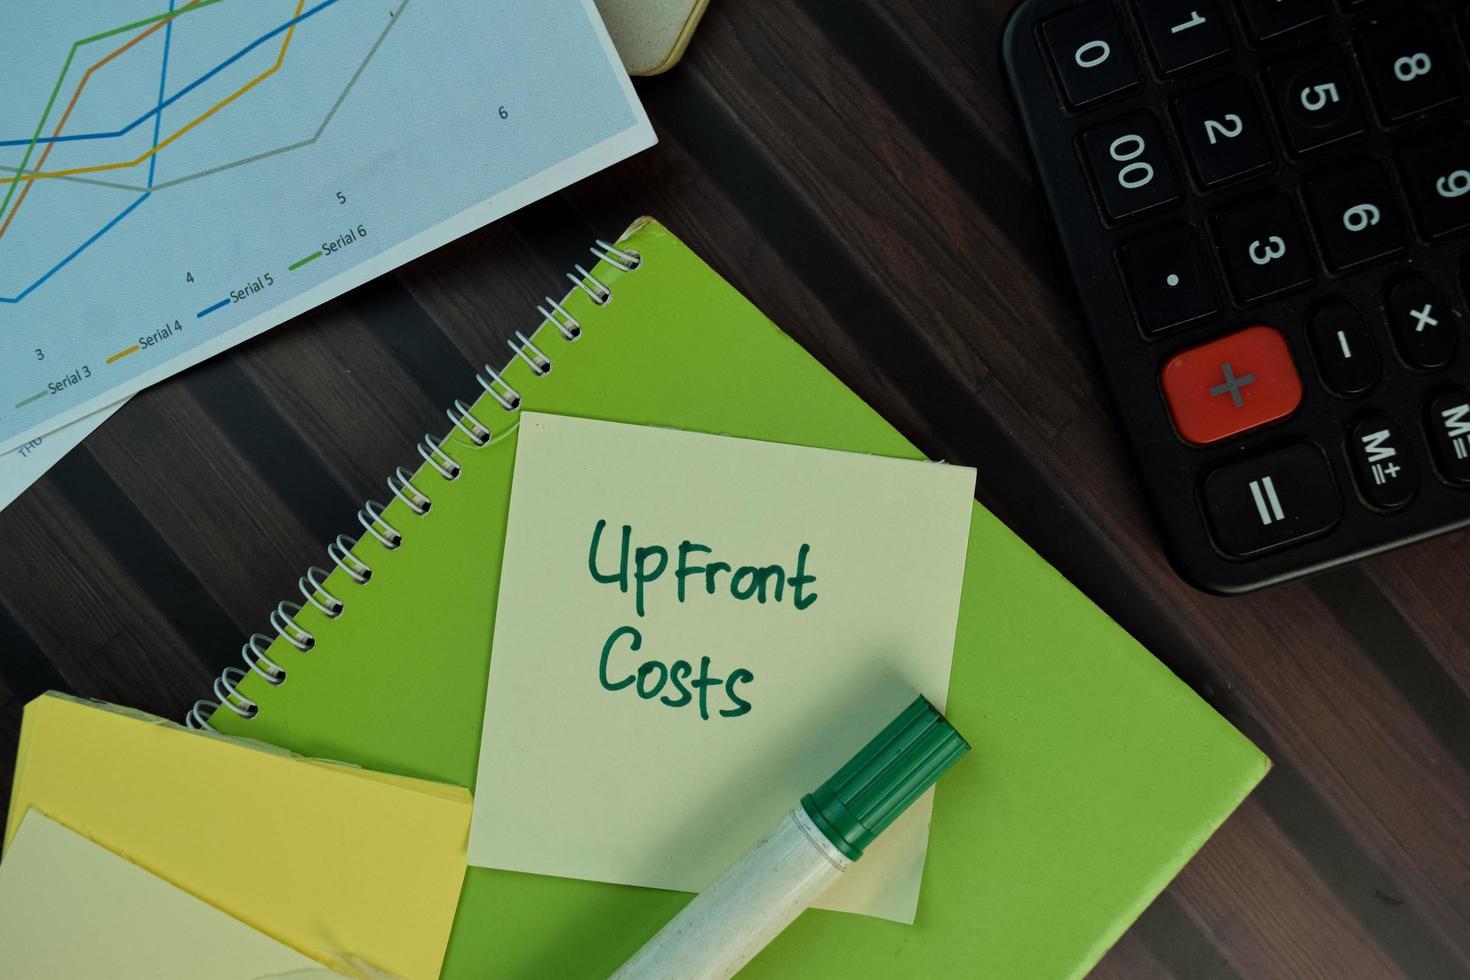 Los costos iniciales escritos en una nota adhesiva aislado en la mesa de madera foto